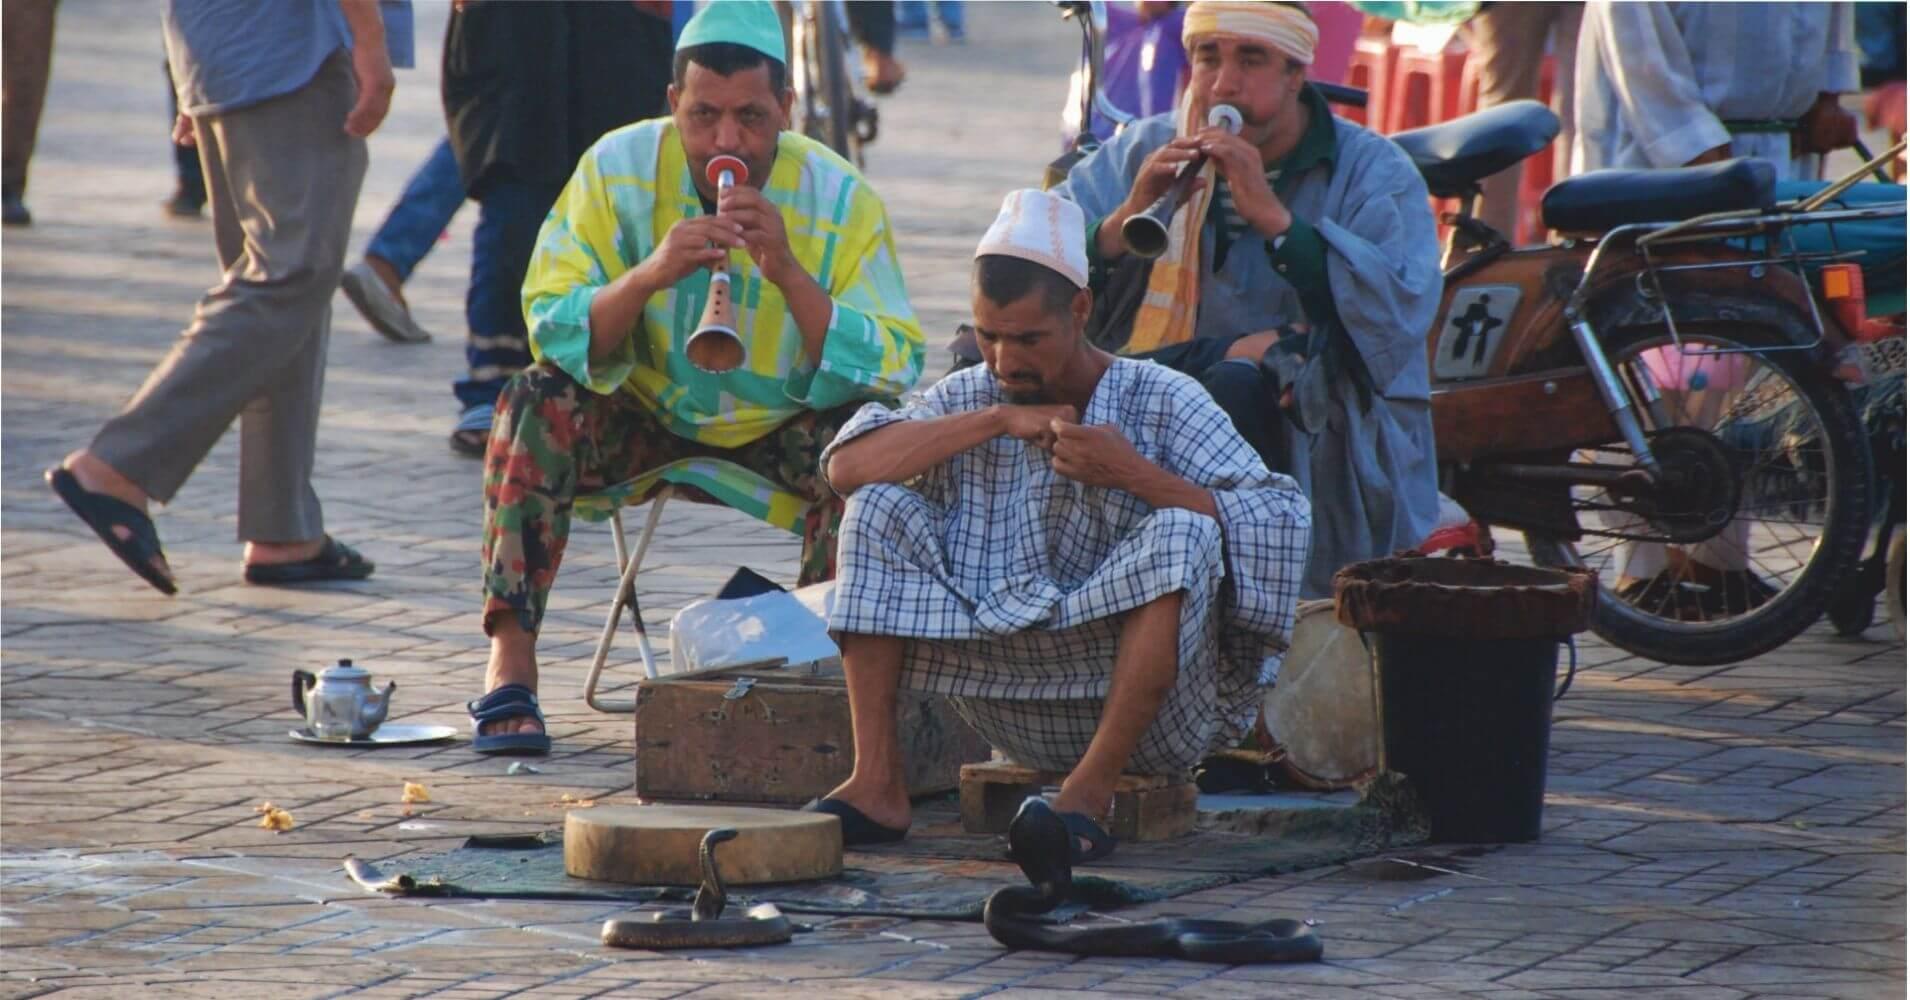 Encantadores de Serpientes en la Plaza de Jamaa el Fna. Marrakech, Marruecos.